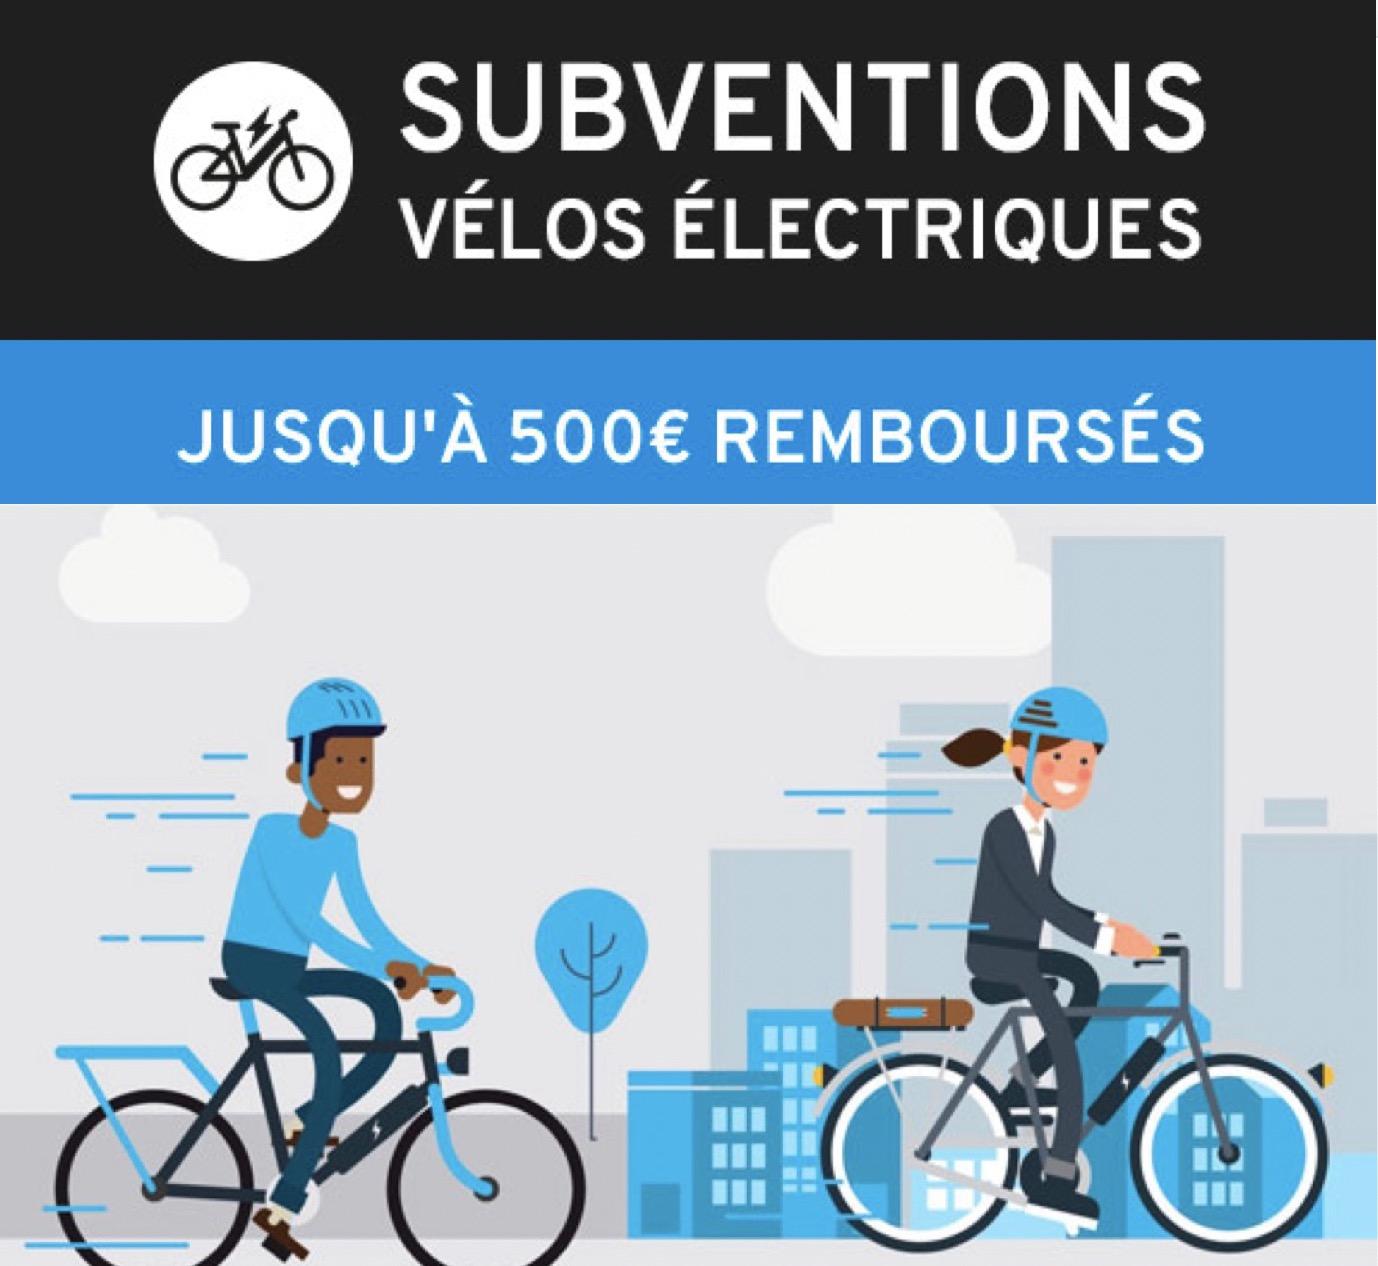 Code promo Alltricks : Jusqu'à 500€ remboursés pour l'achat d'un vélo électrique + liste des subventions par collectivité